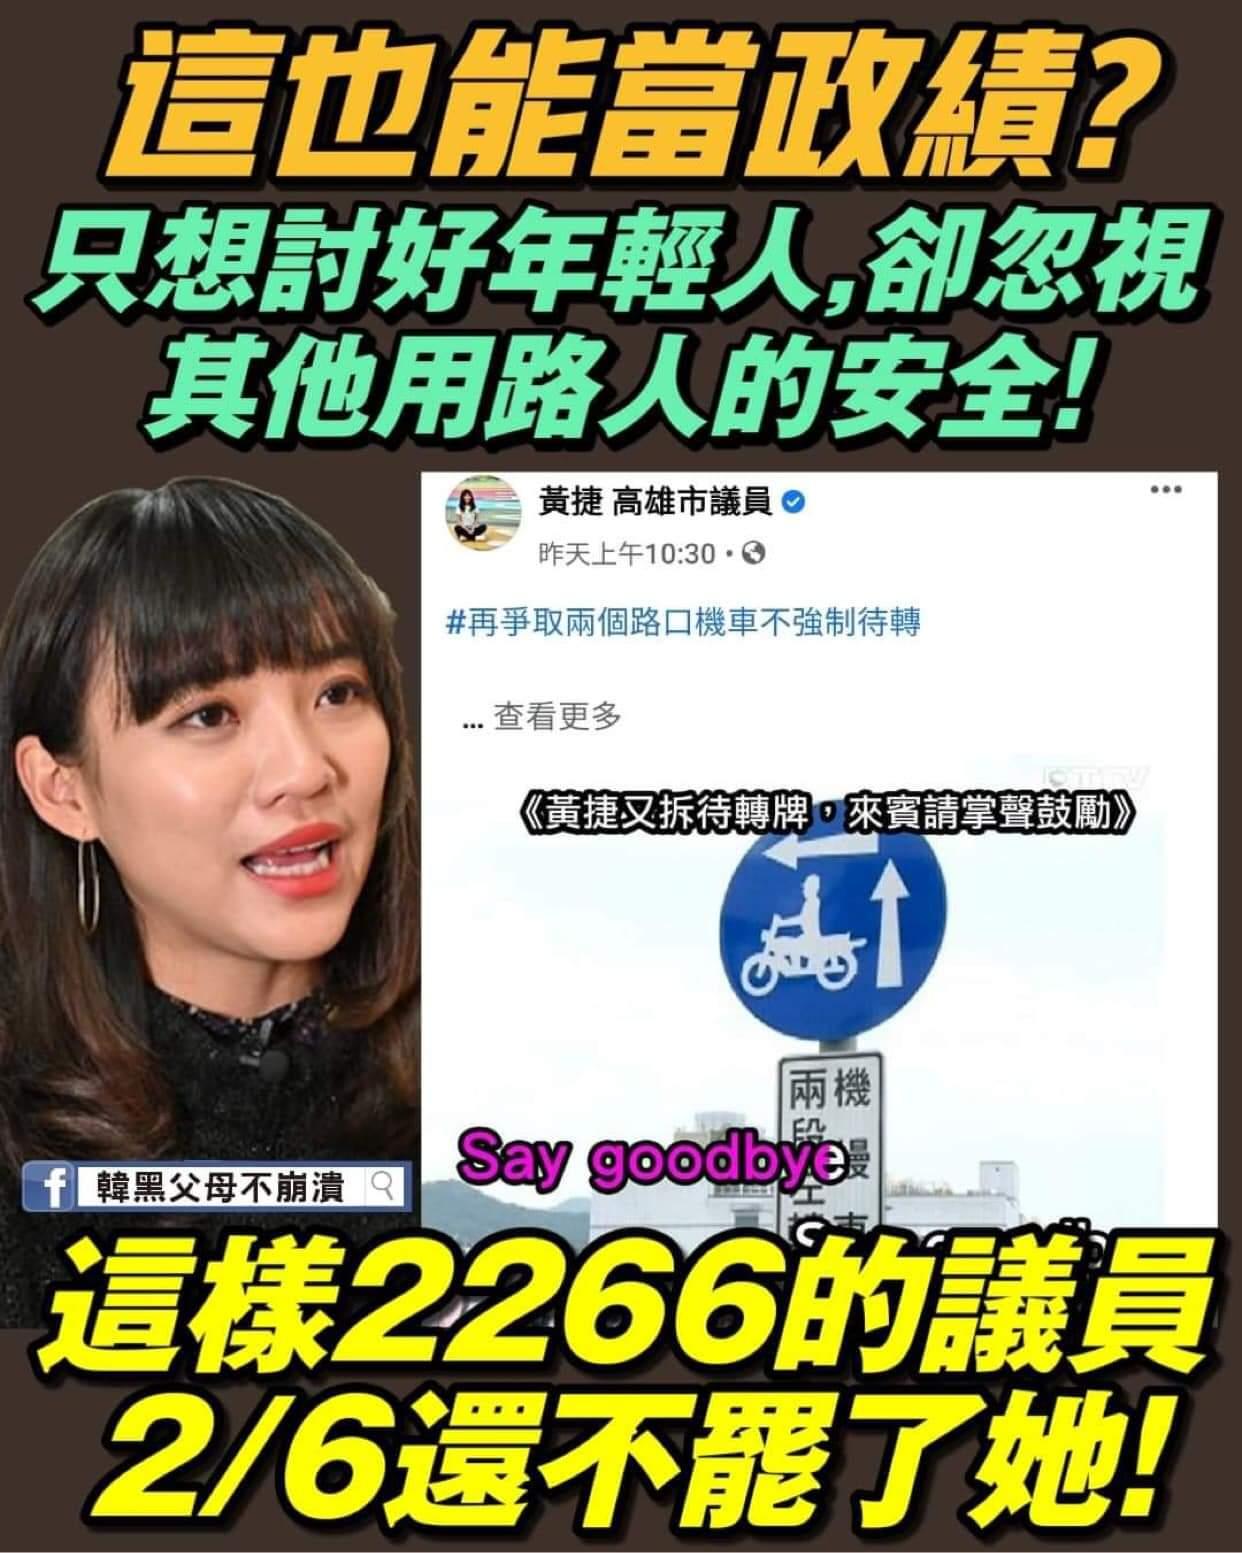 Re: [新聞] 王浩宇被罷免 鳳山清捷隊:罷捷天經地義